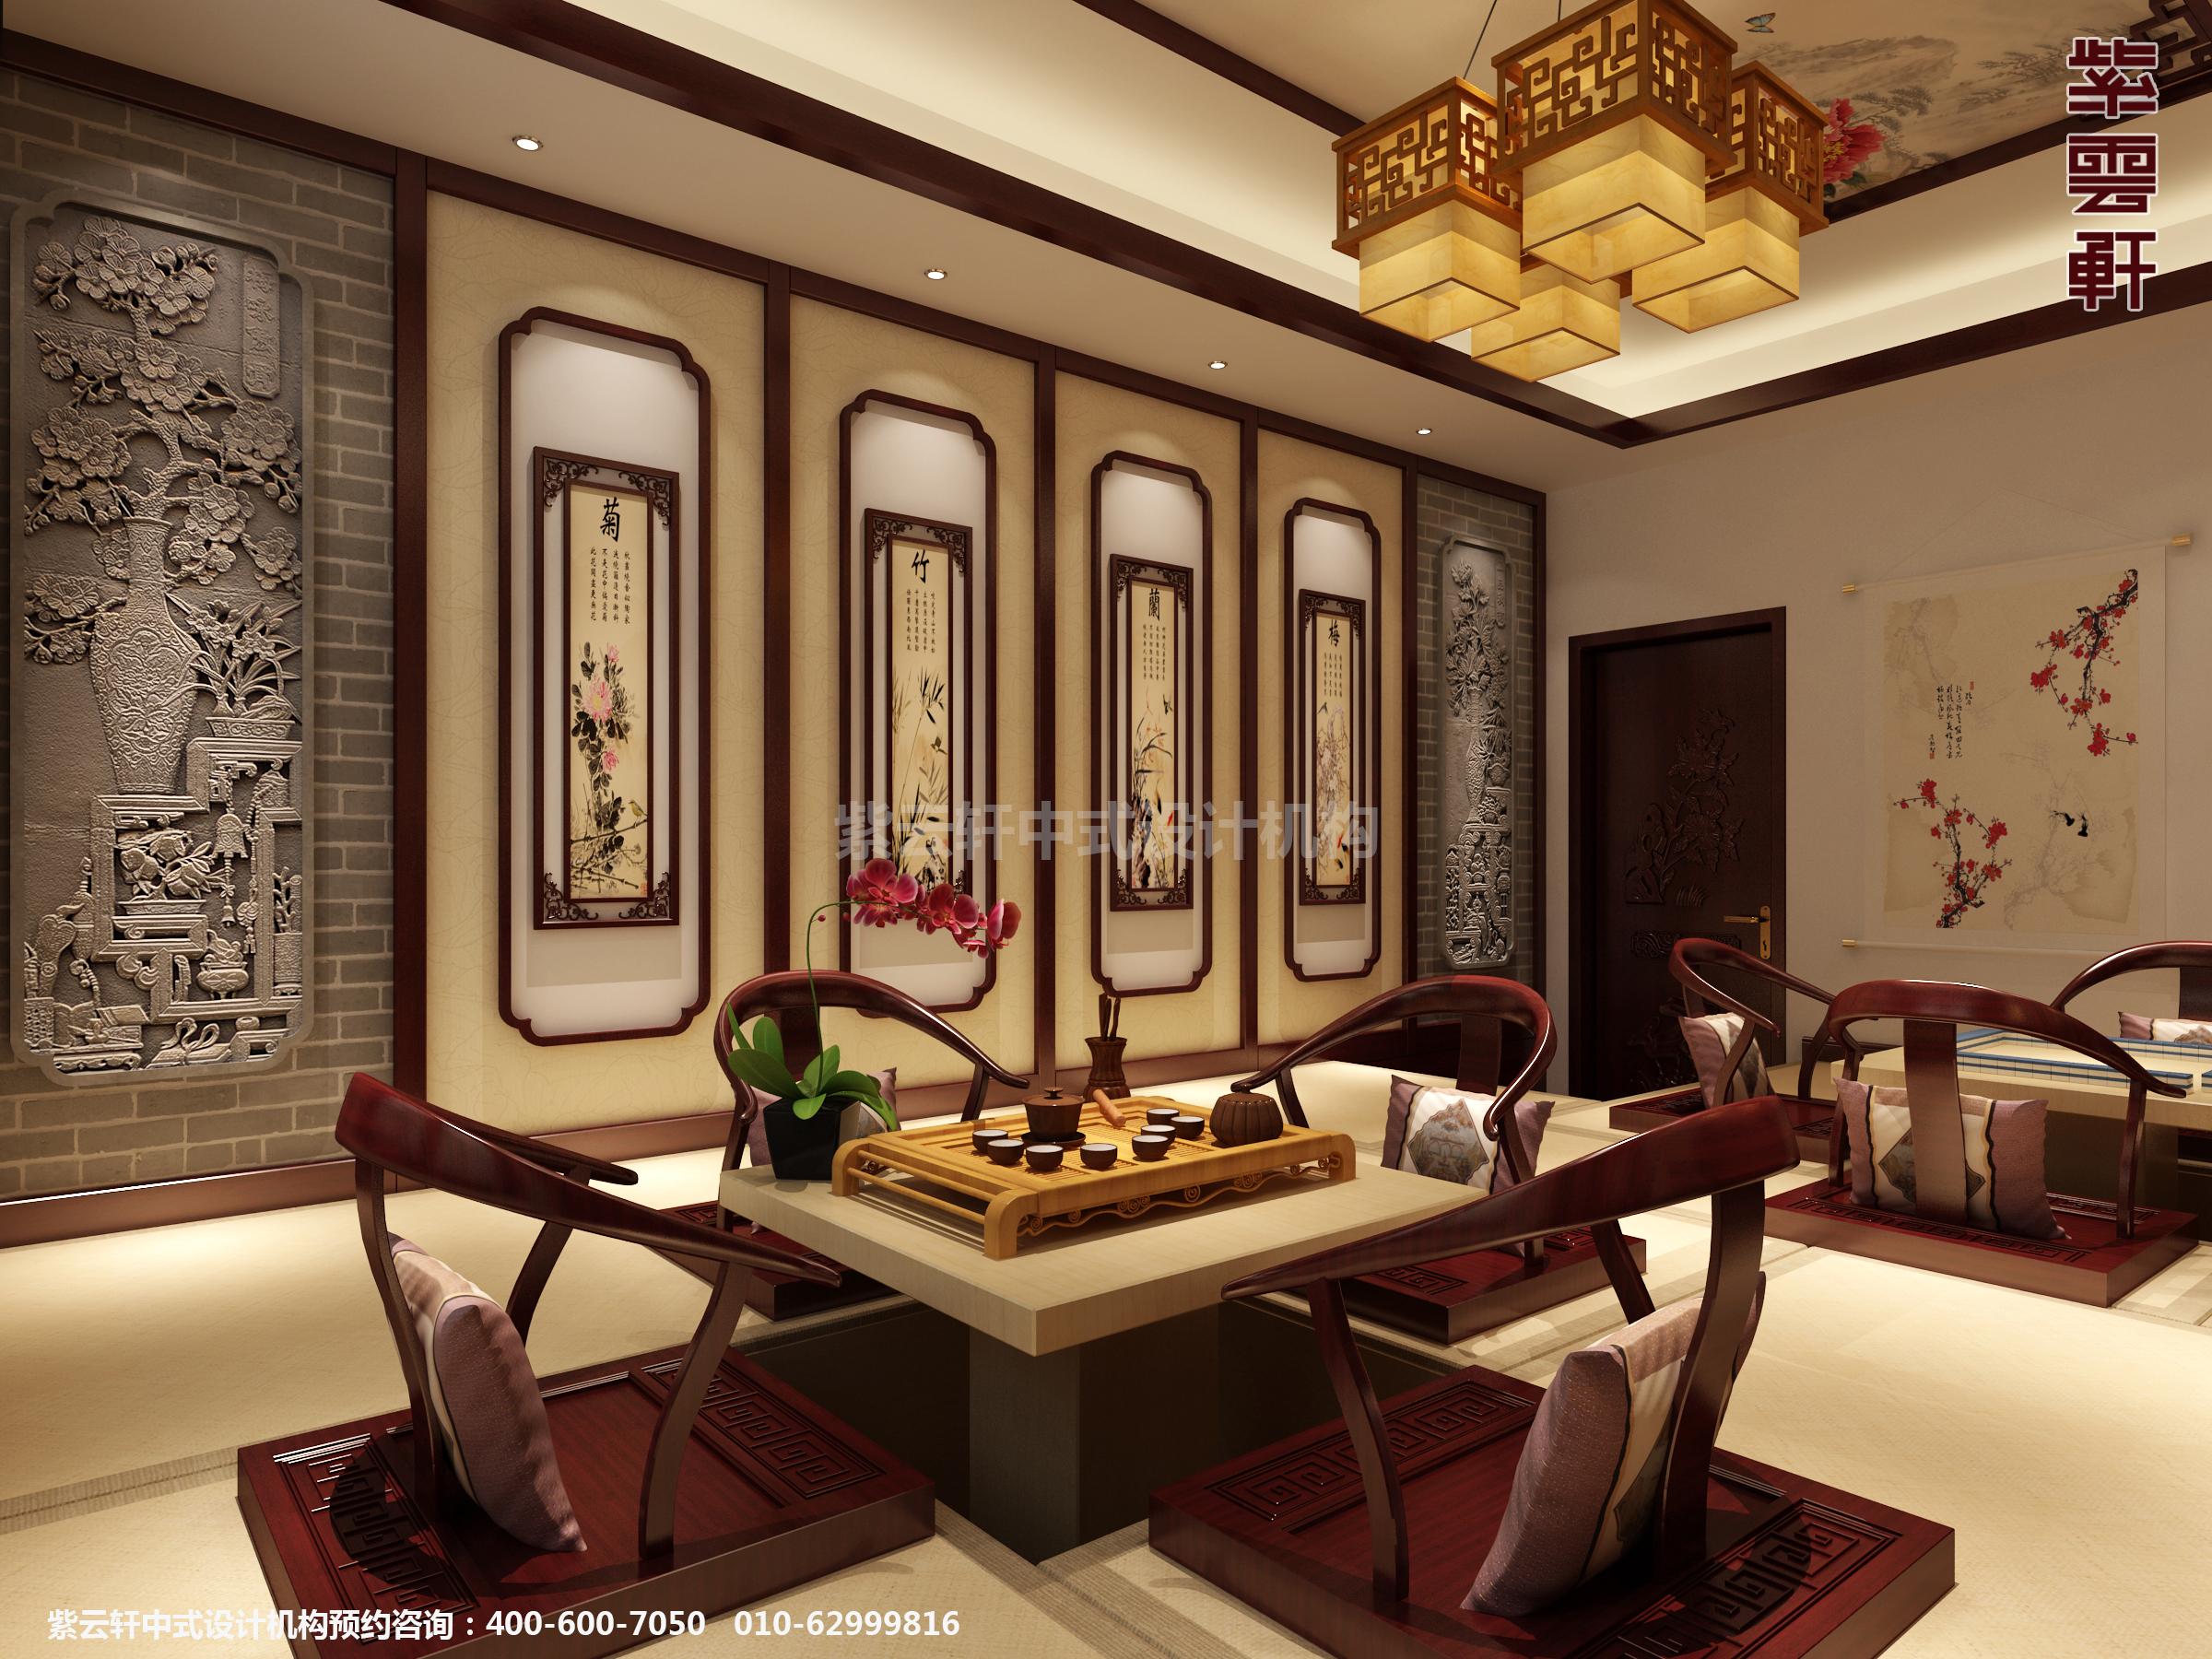 邢台古典中式设计别墅,风姿绰绰古韵悠悠。走进这套别墅,古典桌椅,书画墨香,文竹轻风,花几玲珑,丝绸帷帐,茶香浮动,仿若走进历史,走进真正的归属。设计师采用简约设计理念,来陈设古典元素,打造了这套极富历史文化和极高的审美价值的中式别墅。